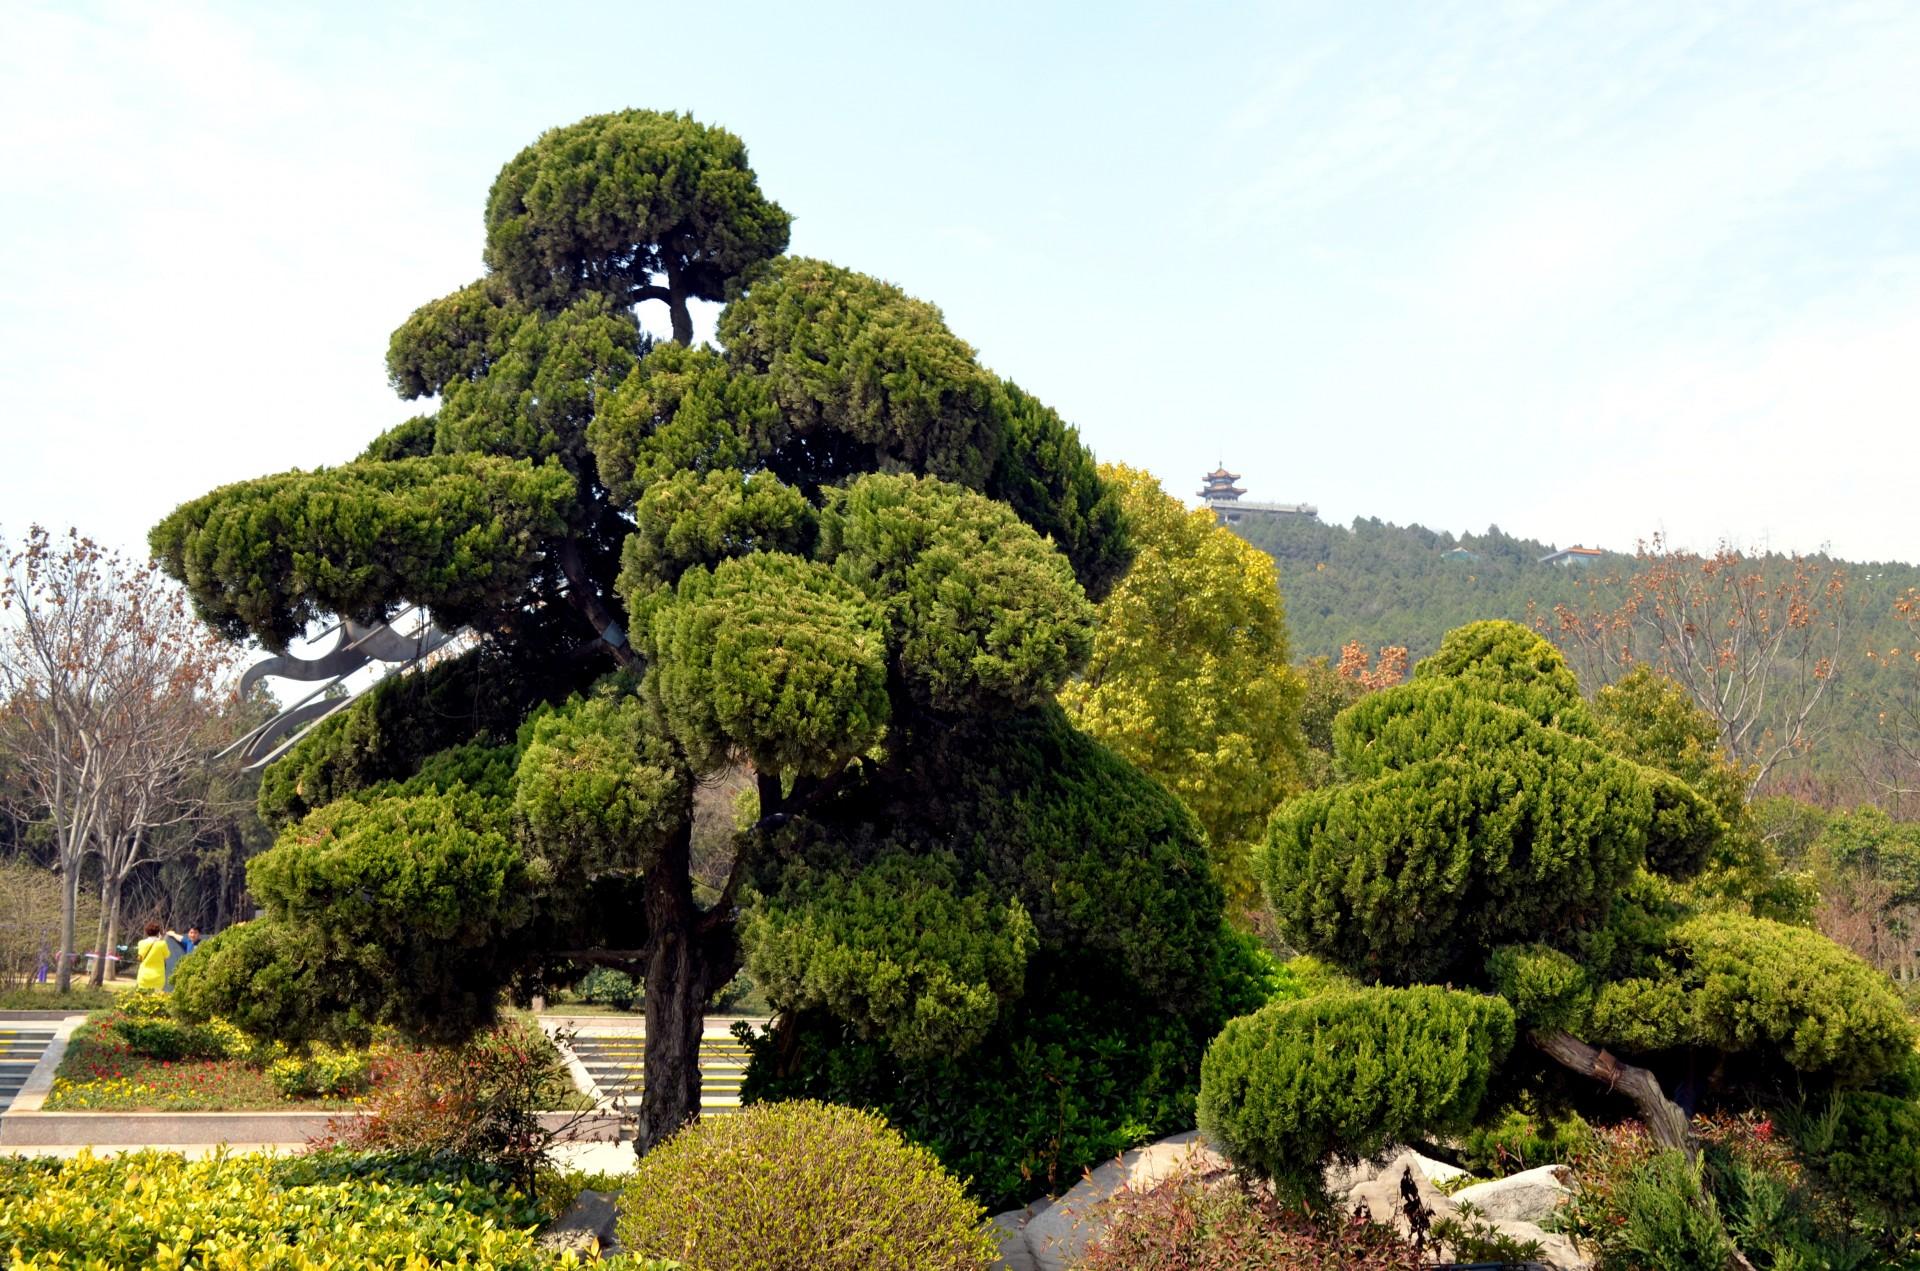 представляют собой фото вечнозеленые деревья деревьев однородное, медленное движение